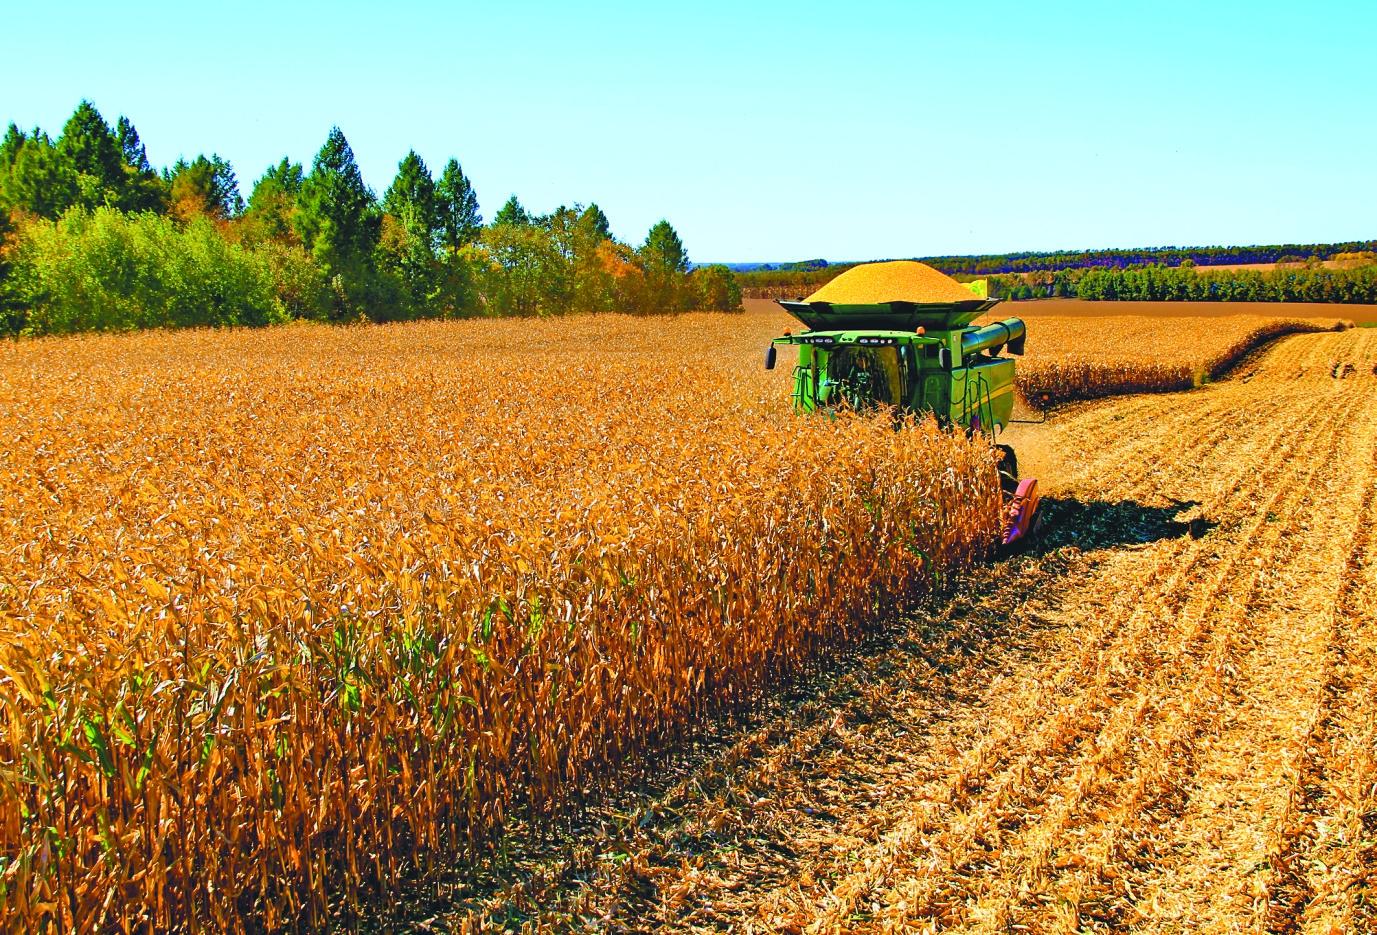 最强严控手段来袭,玉米价格再迎大跌可能!